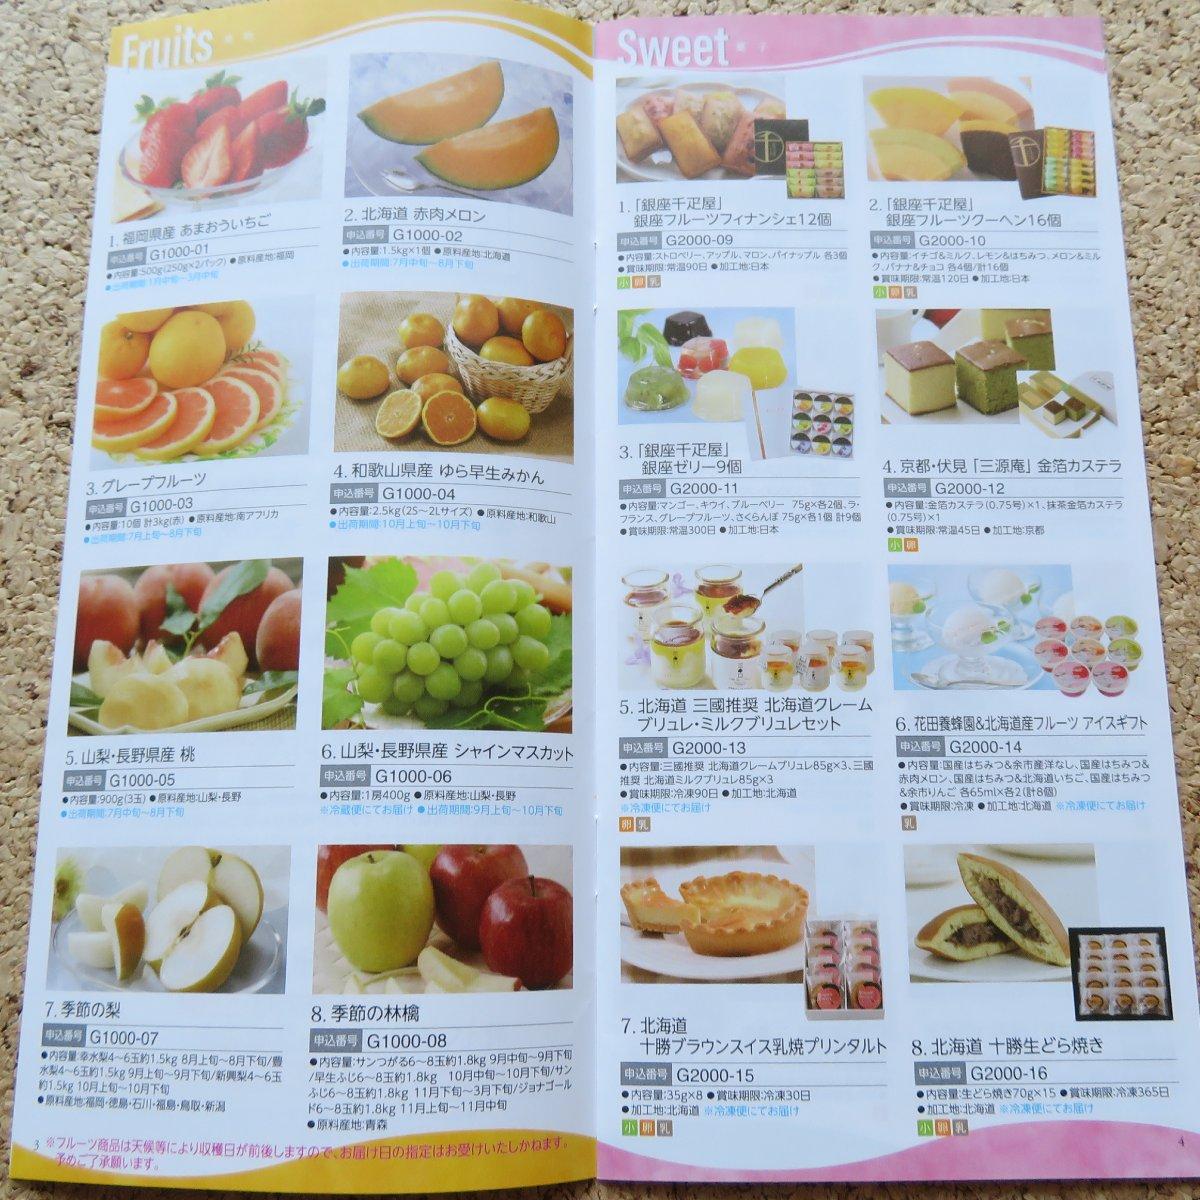 アイコムの株主優待カタログ